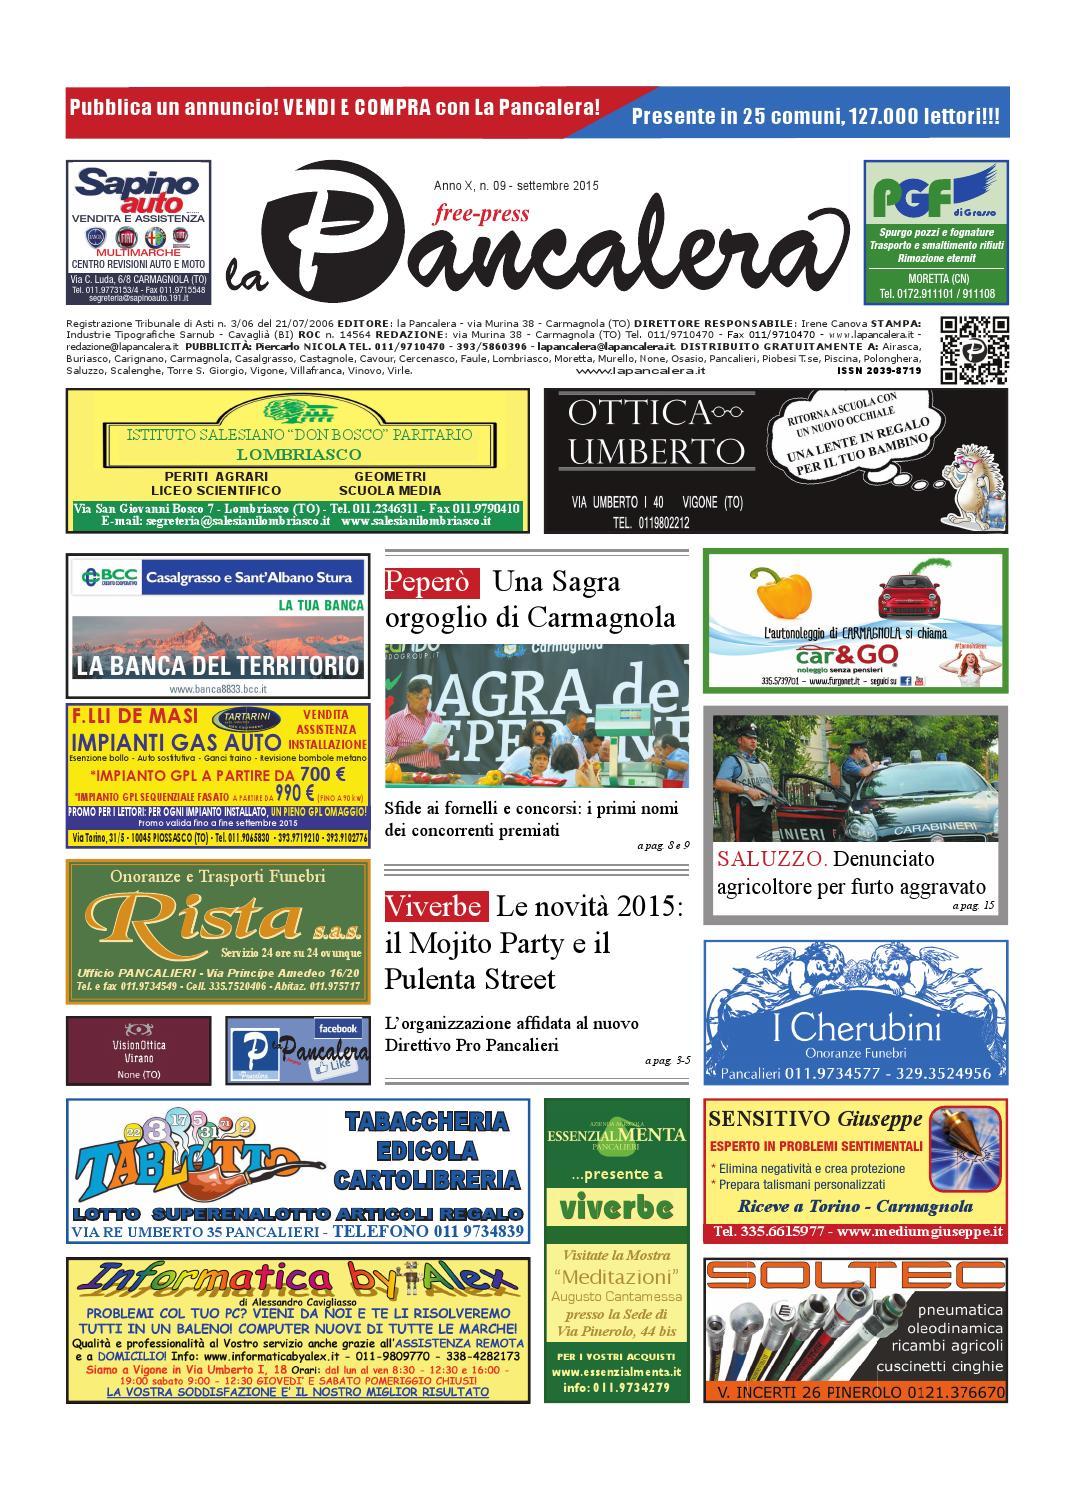 La pancalera settembre 2015 by la Pancalera issuu